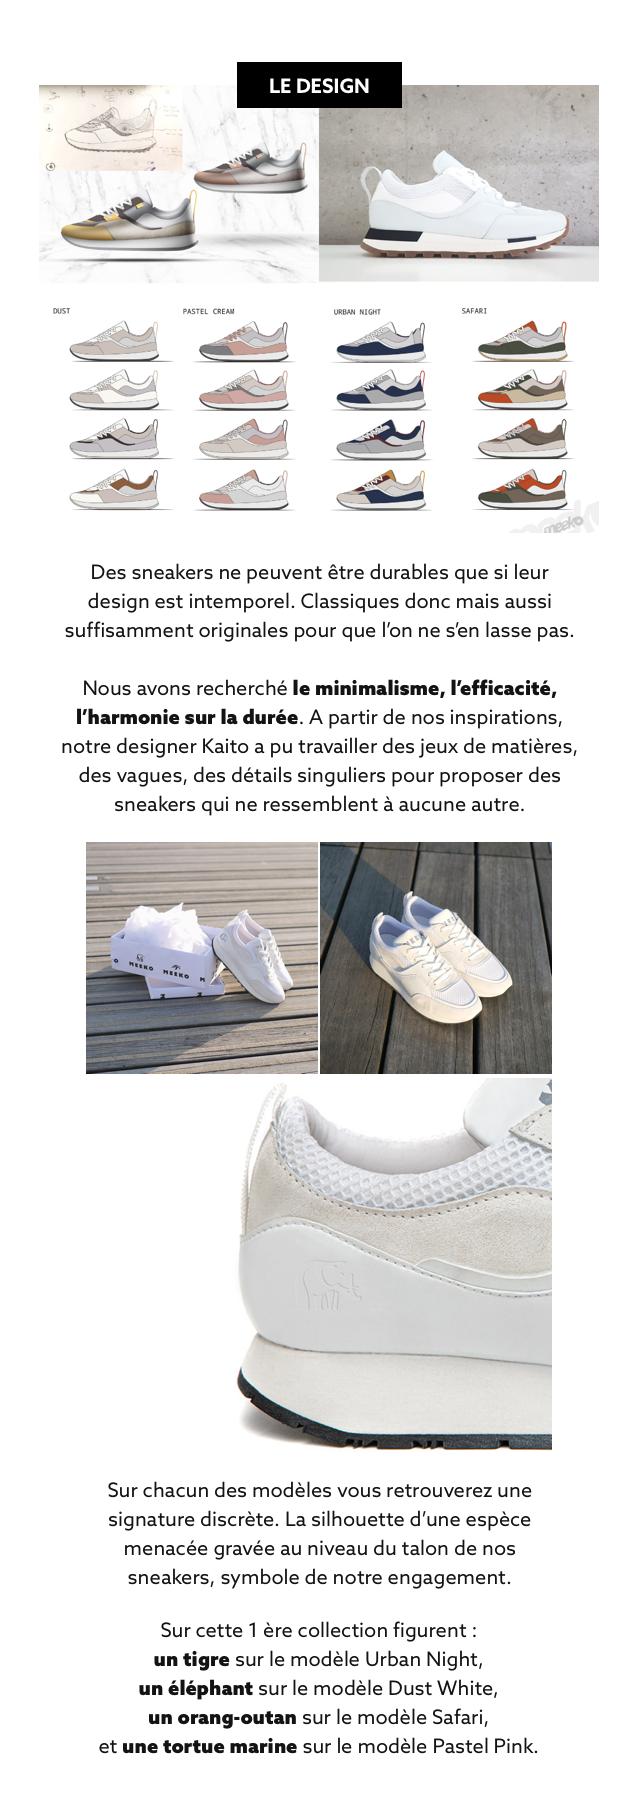 LE DESIGN DUST PASTEL CREAM URBAN NIGHT SAFARI Des sneakers ne peuvent etre durables que si leur design est intemporel. Classiques donc mais aussi suffisamment originales pour que I'on ne s'en lasse pas. Nous avons recherche le minimalisme, l'efficacite, I'harmonie sur la duree. A partir de nos inspirations, notre designer Kaito a pu travailler des jeux de matieres, des vagues, des details singuliers pour proposer des sneakers qui ne ressemblent a aucune autre. Sur chacun des modeles vous retrouverez une signature discrete. La silhouette d'une espece menacee gravee au niveau du talon de nos sneakers, symbole de notre engagement. Sur cette 1 ere collection figurent : un tigre sur le modele Urban Night, un elephant sur le modele Dust White, un orang-outan sur le modele Safari, et une tortue marine sur le modele Pastel Pink.